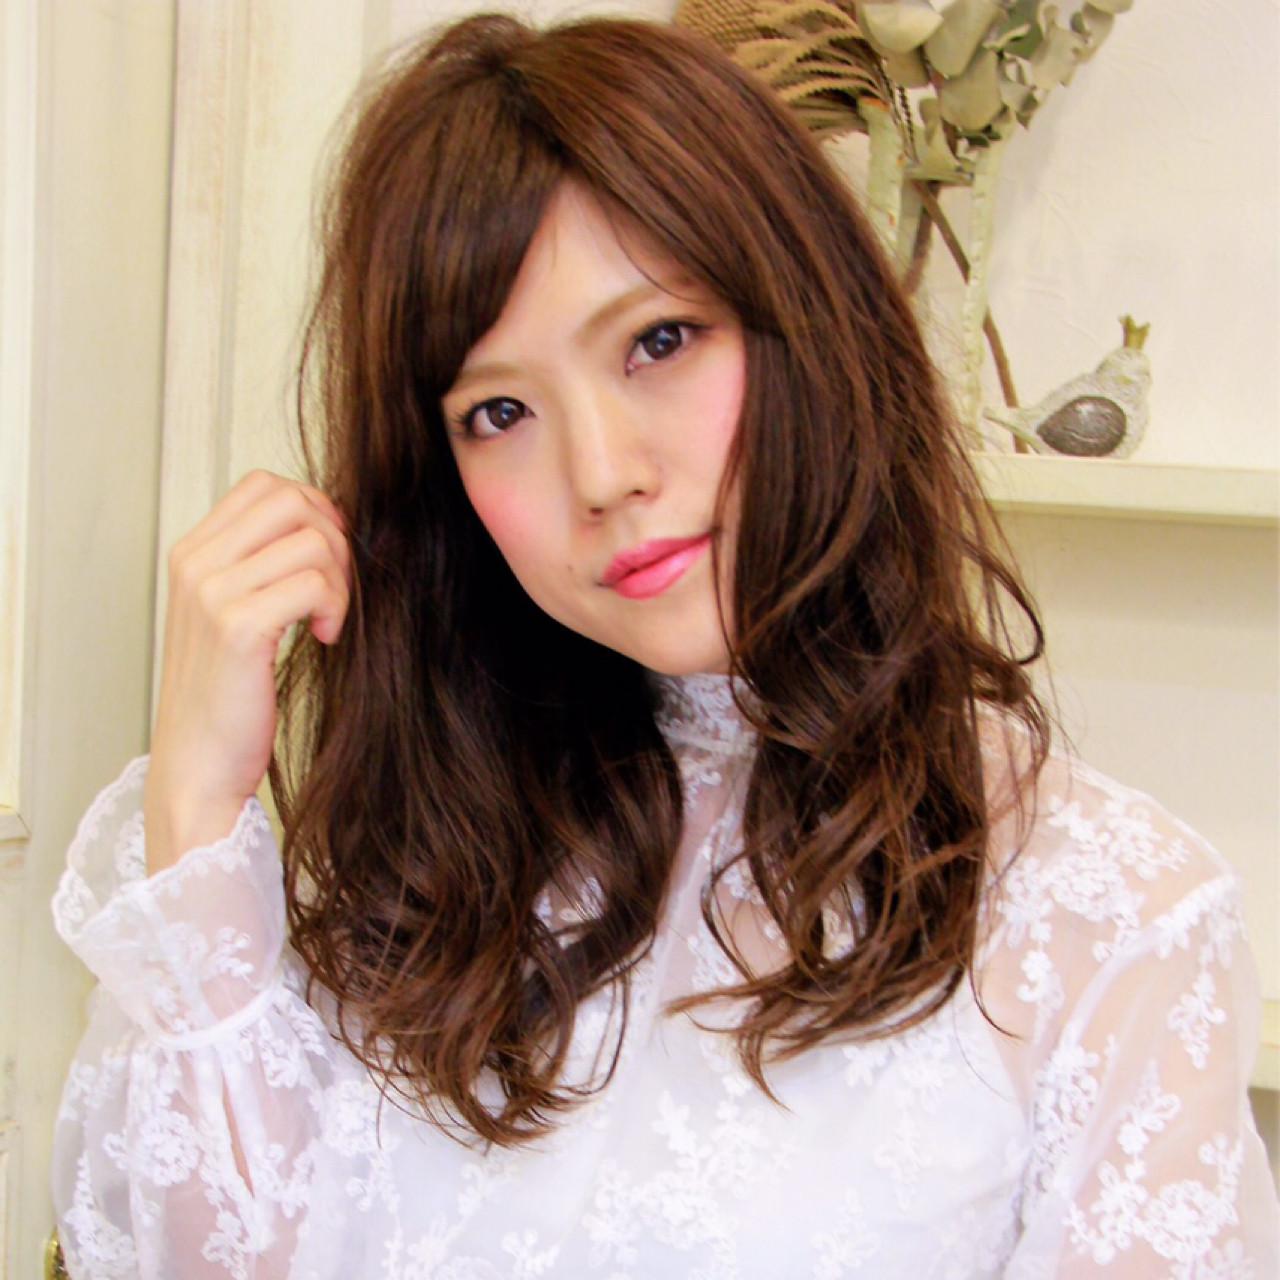 アンニュイ 斜め前髪 大人かわいい セミロング ヘアスタイルや髪型の写真・画像